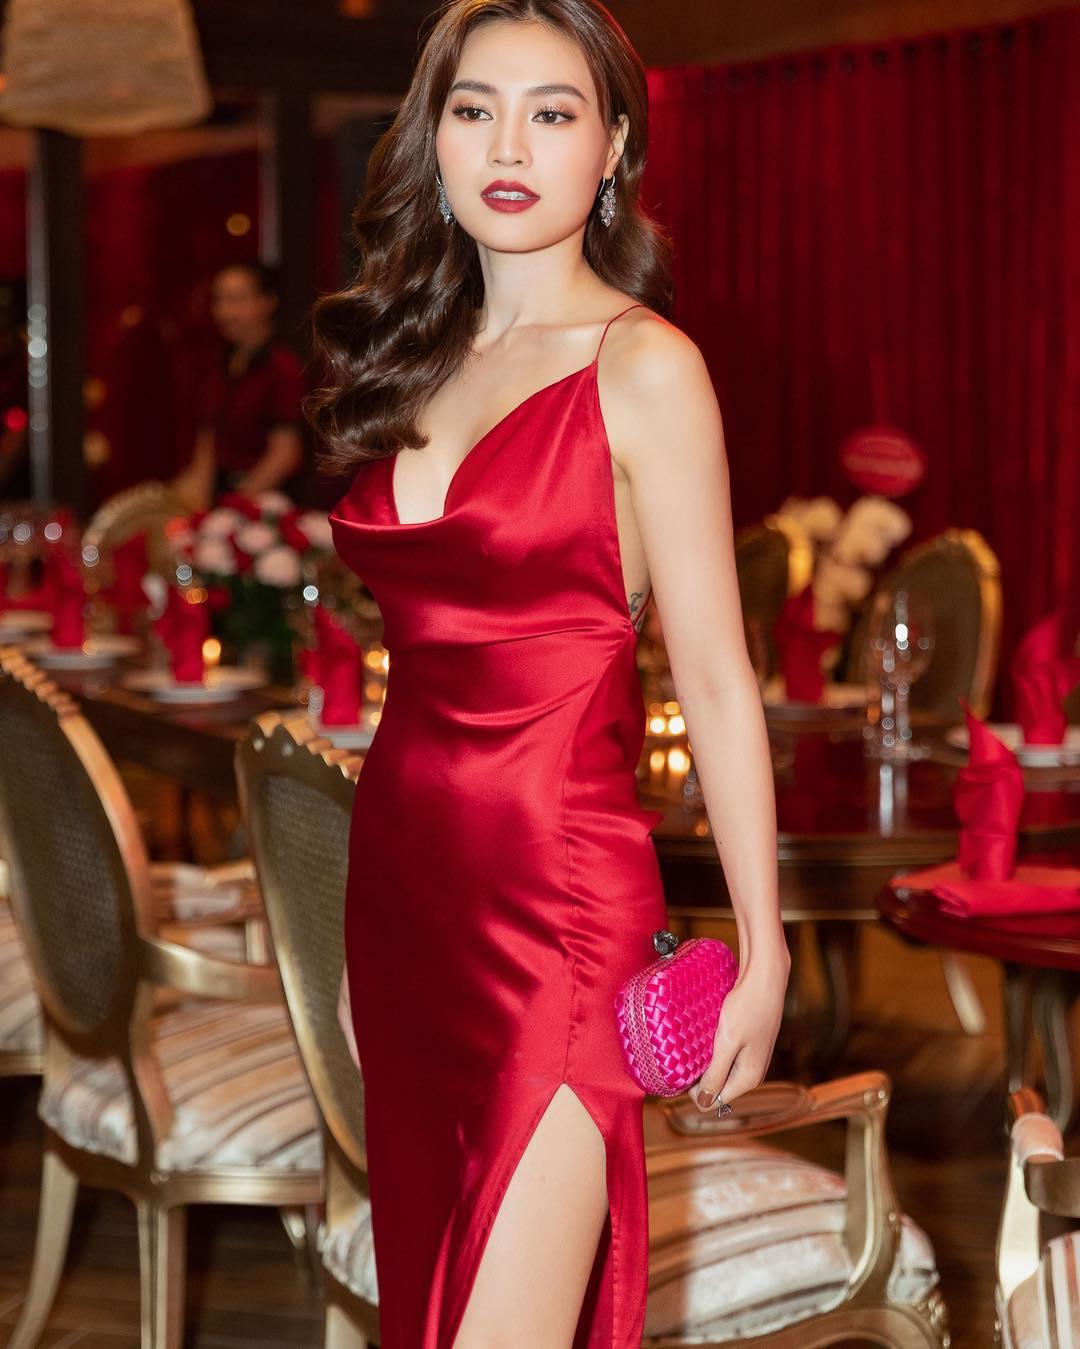 Ninh Dương Lan Ngọc chính thức gia nhập 'cuộc đua' gợi cảm của showbiz Việt - Ảnh 10